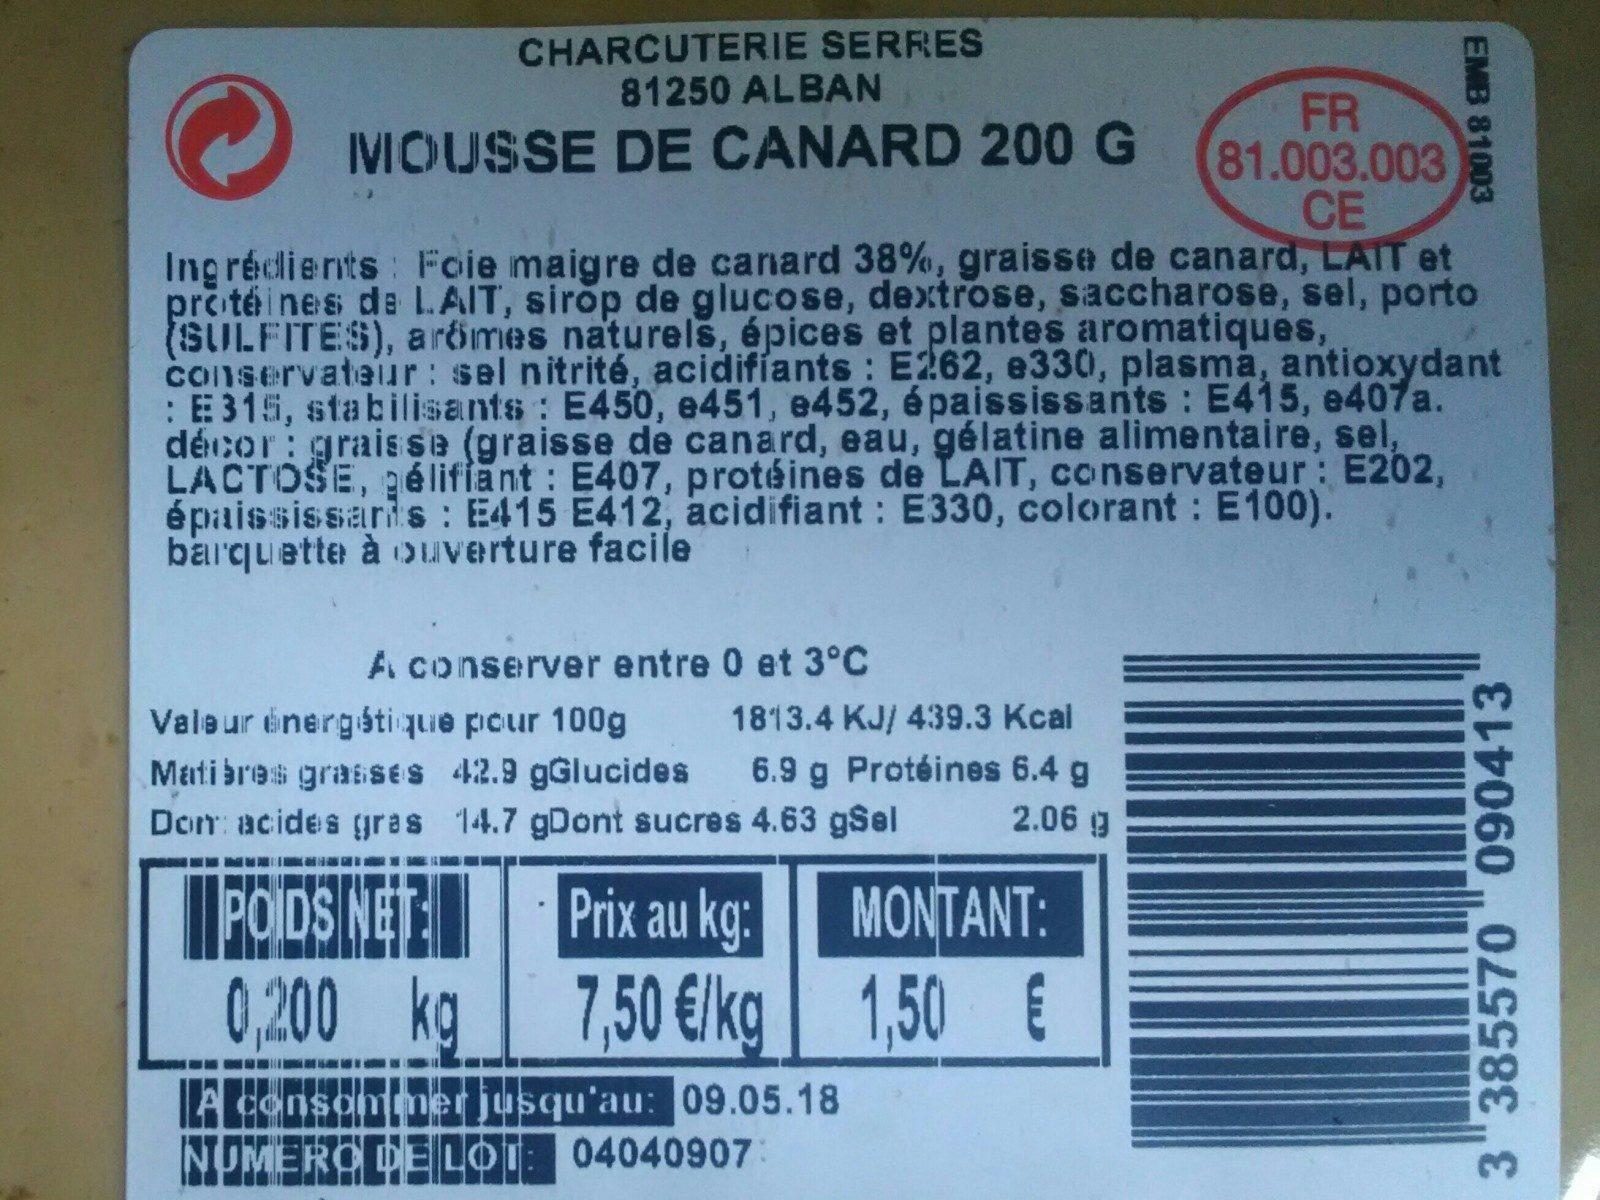 Mousse De Canard 200g - Ingrediënten - fr